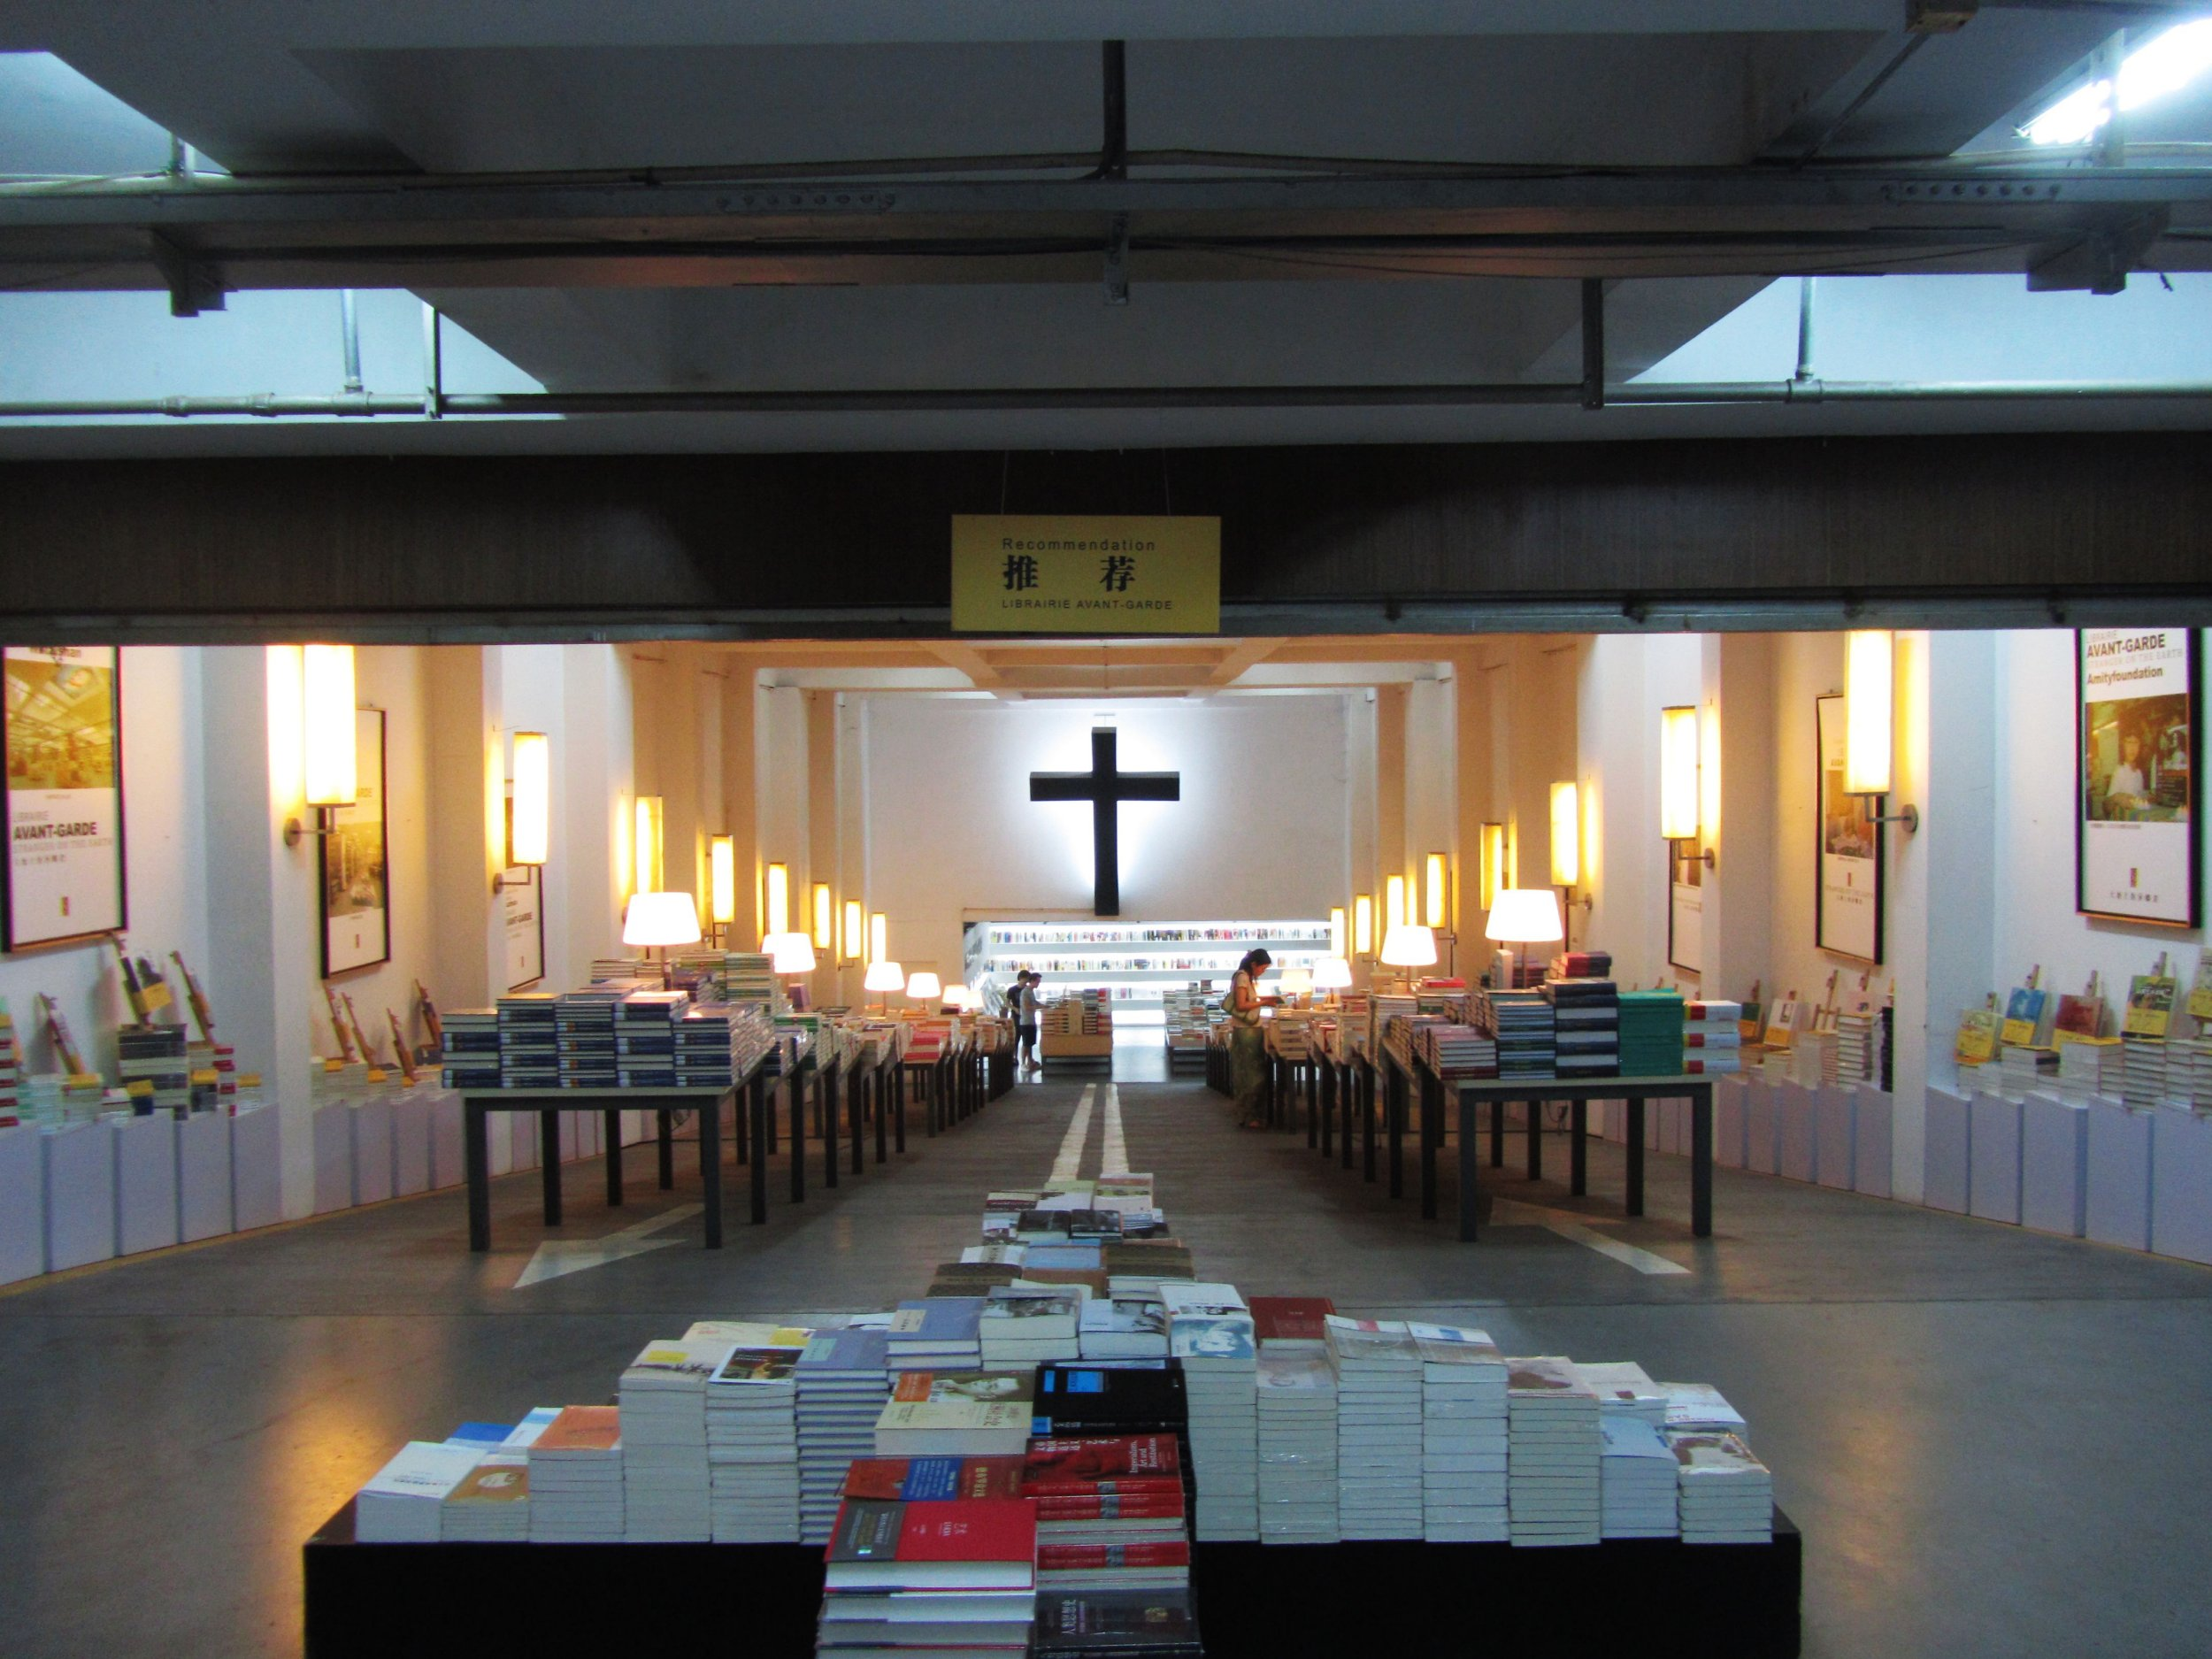 A világ legkülönlegesebb könyvesboltjai - lenyűgöző fotók